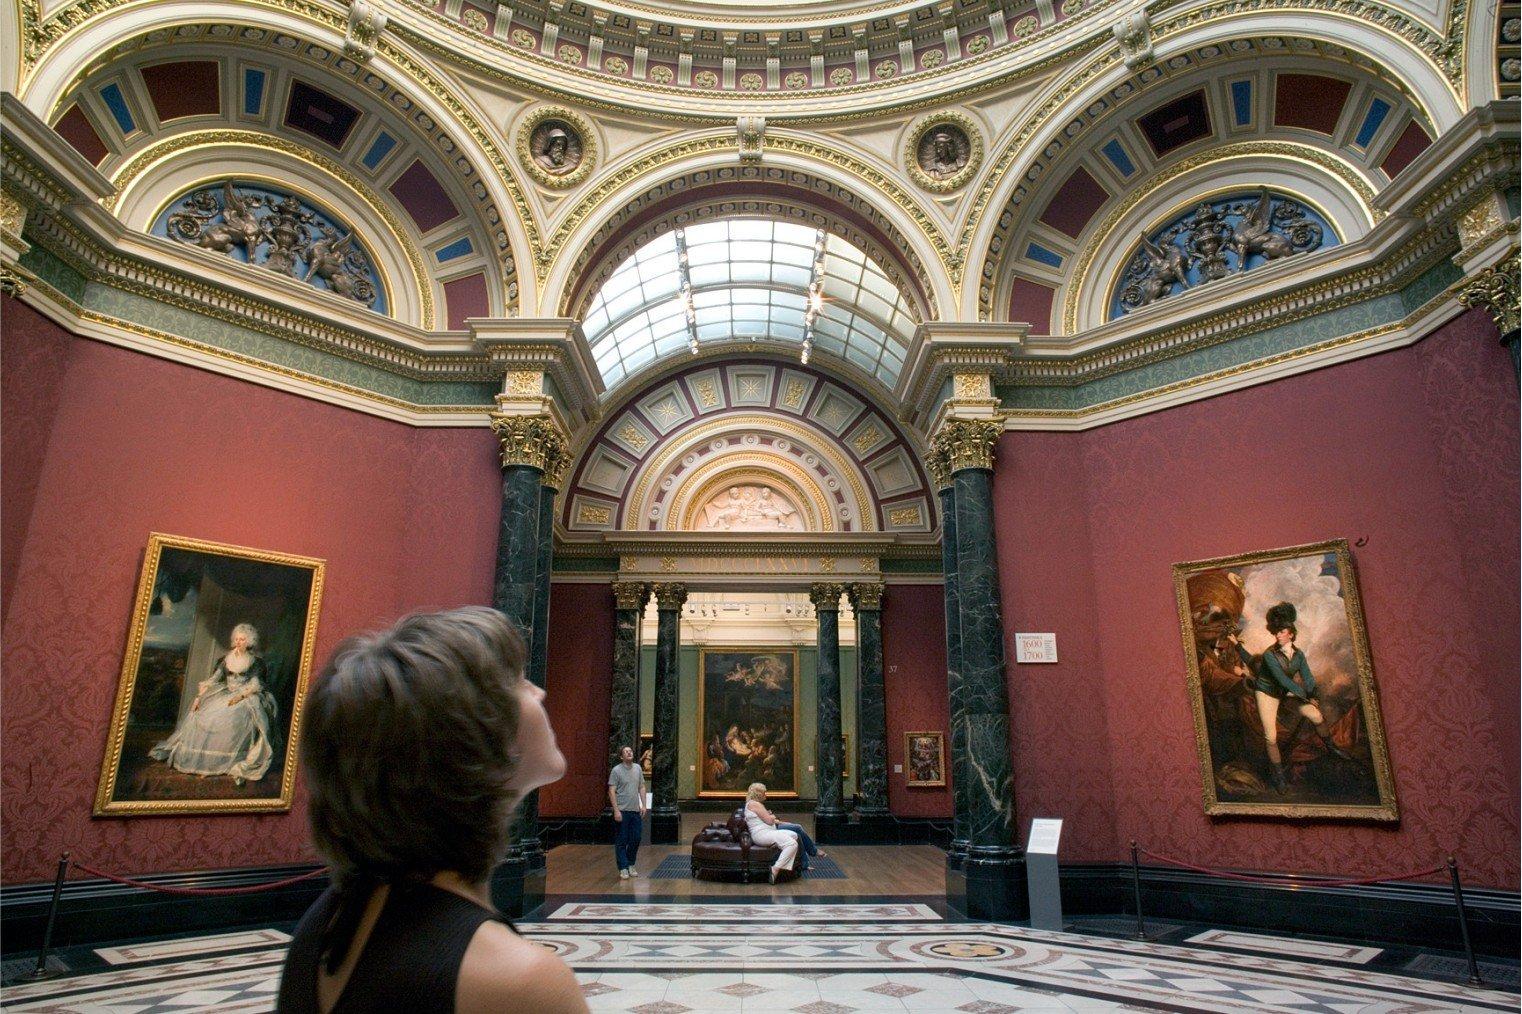 National Gallery London. Национальная Галерея, Лондон. Туризм, информация для посещения.